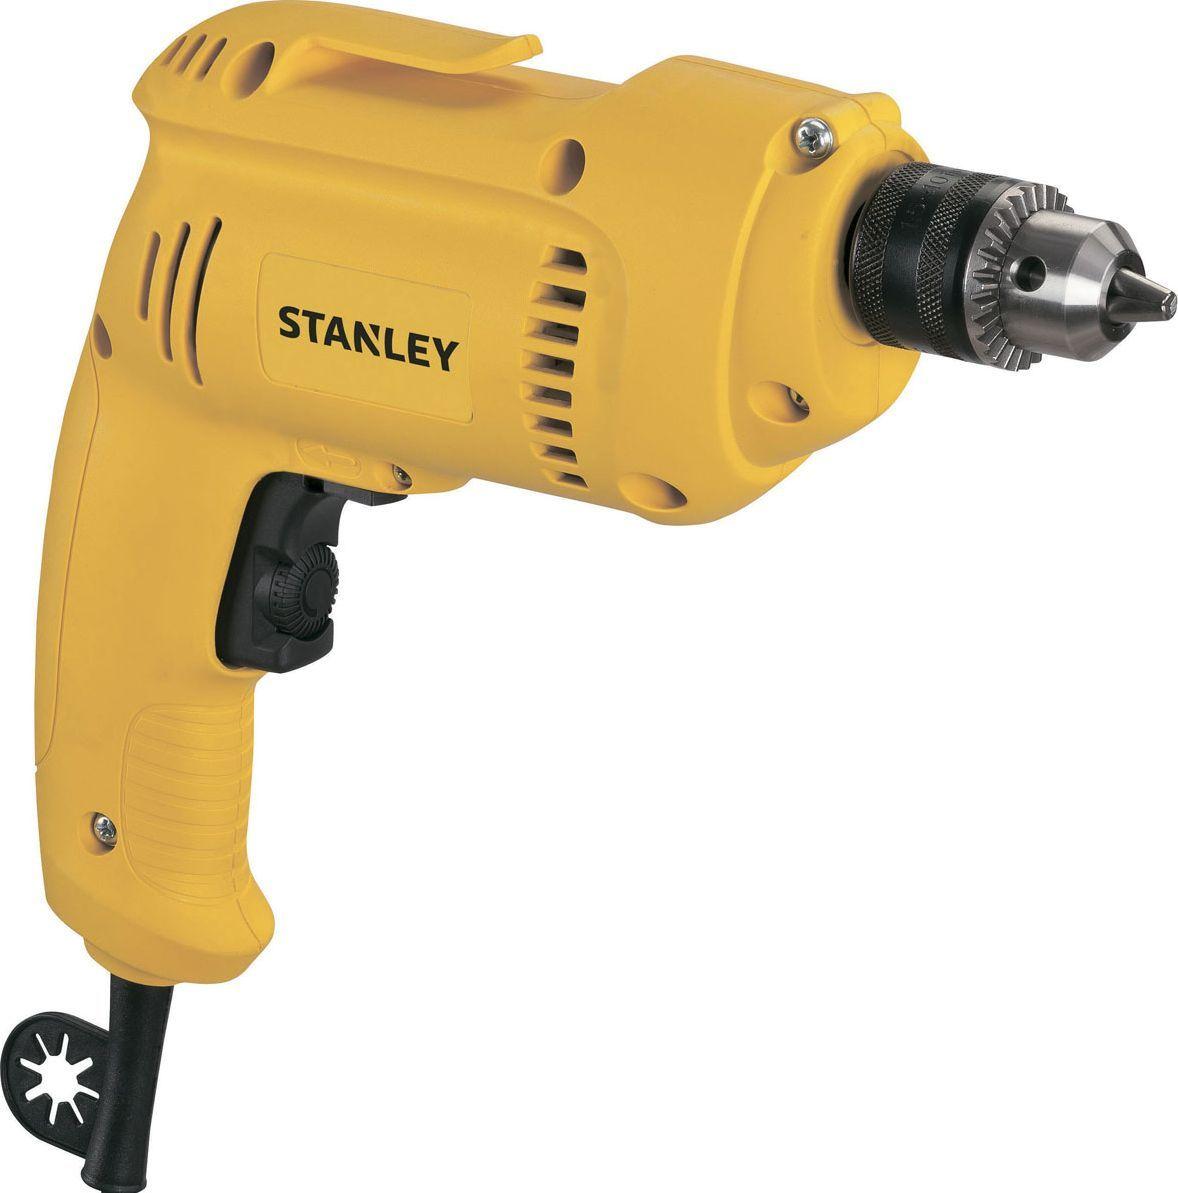 Дрель Stanley STDR5510STDR5510